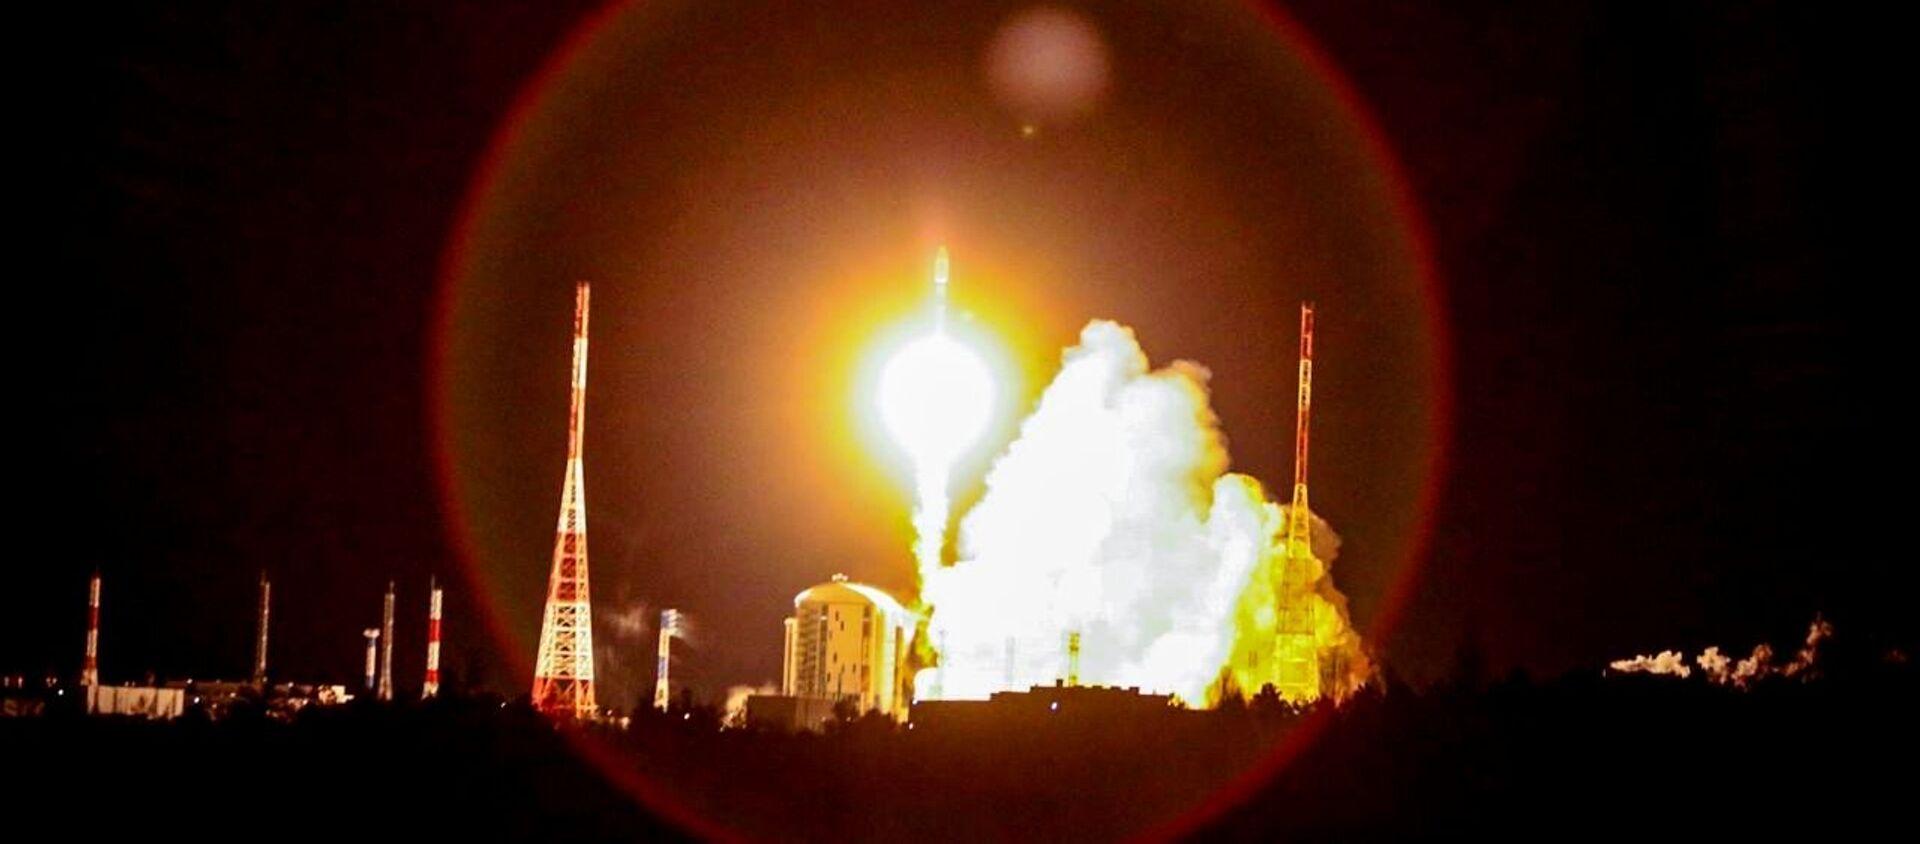 Lanzamiento de un cohete en Rusia - Sputnik Mundo, 1920, 18.01.2021